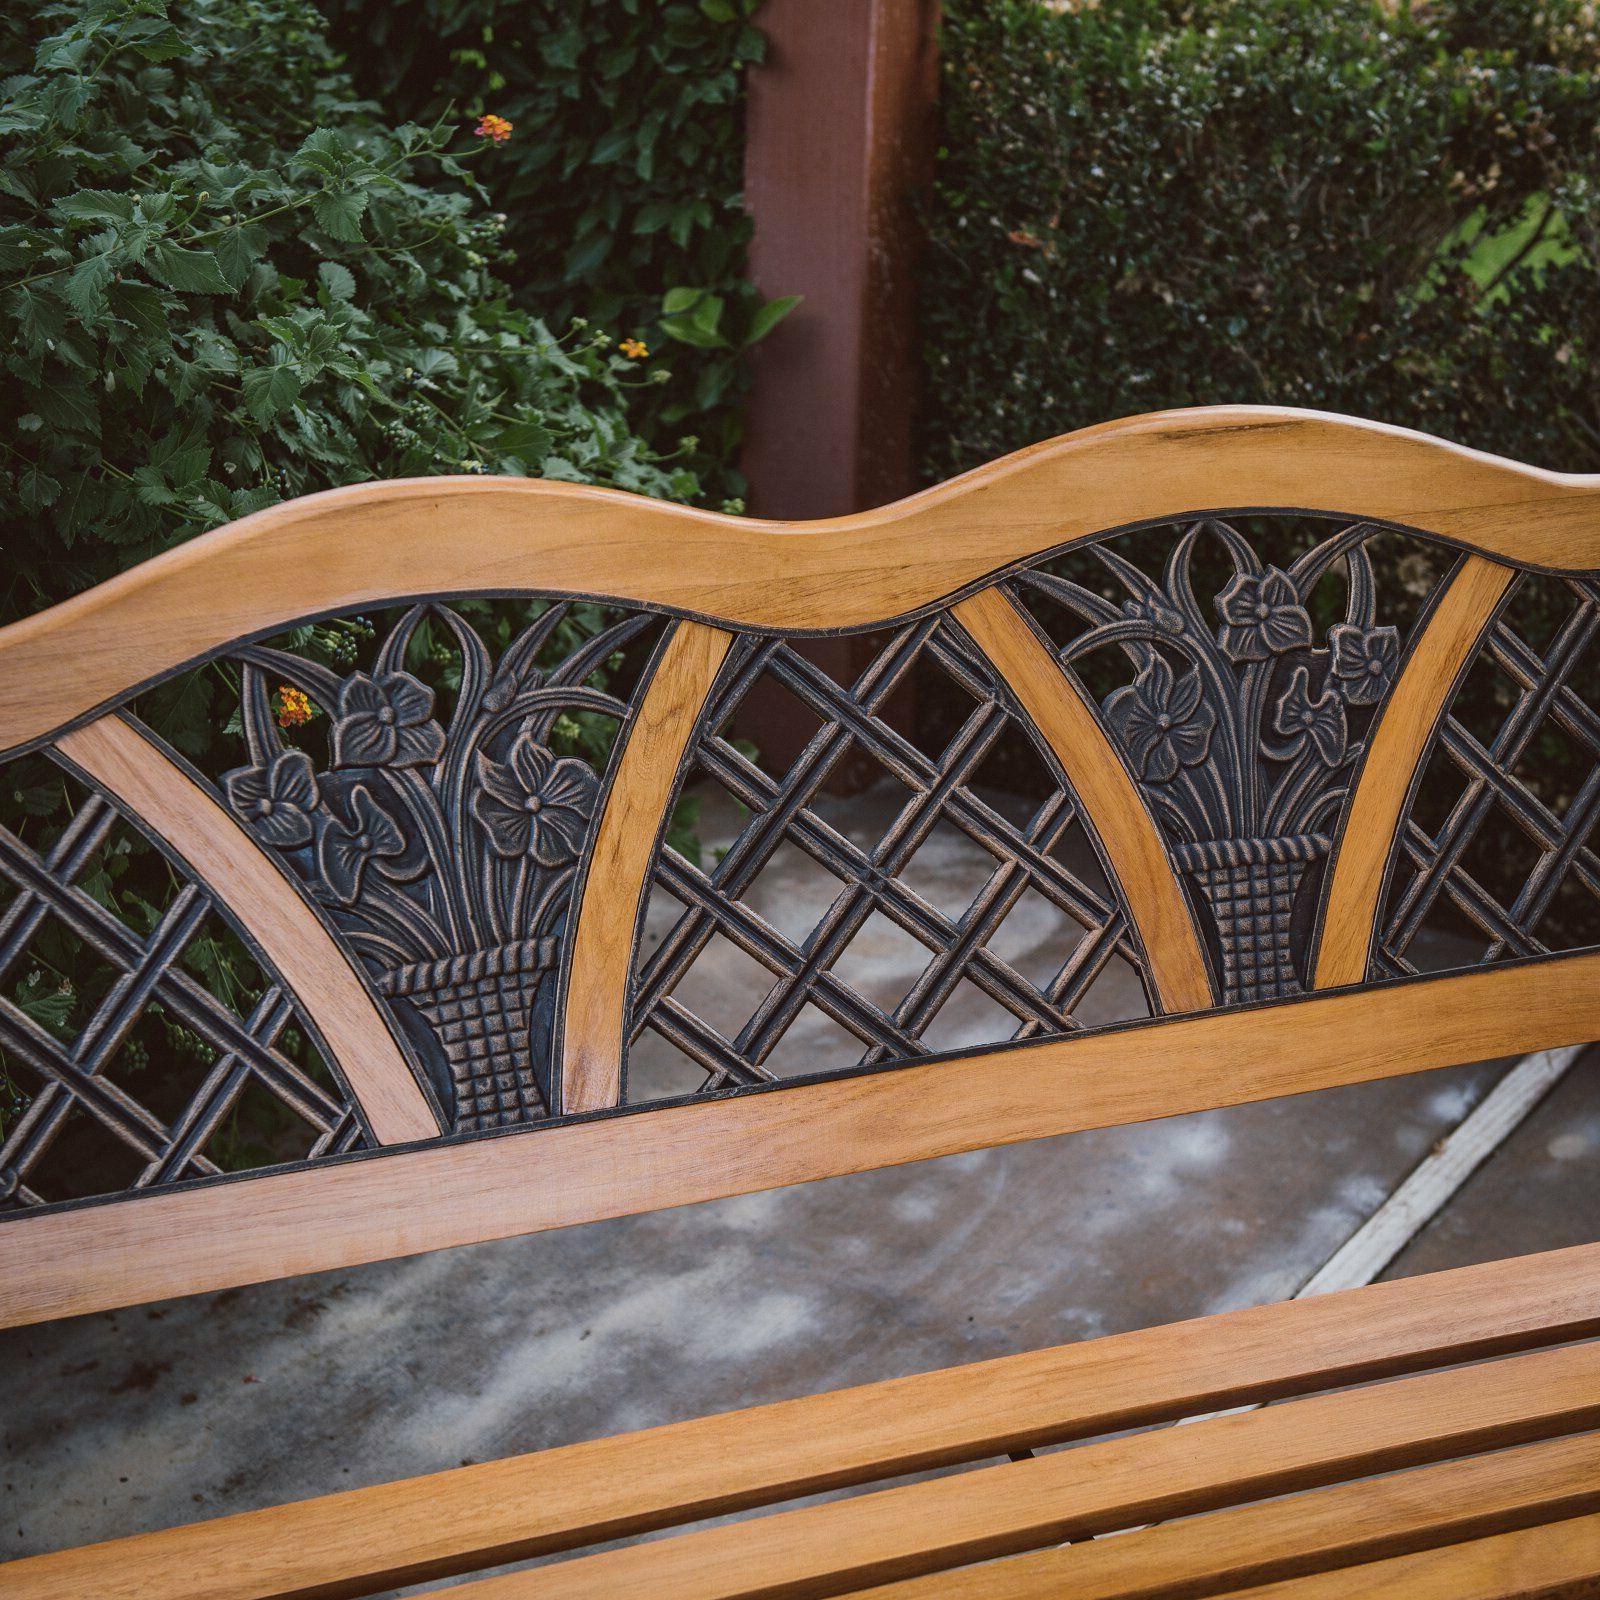 Outdoor Wooden Garden Park Deck Poolside Loveseat